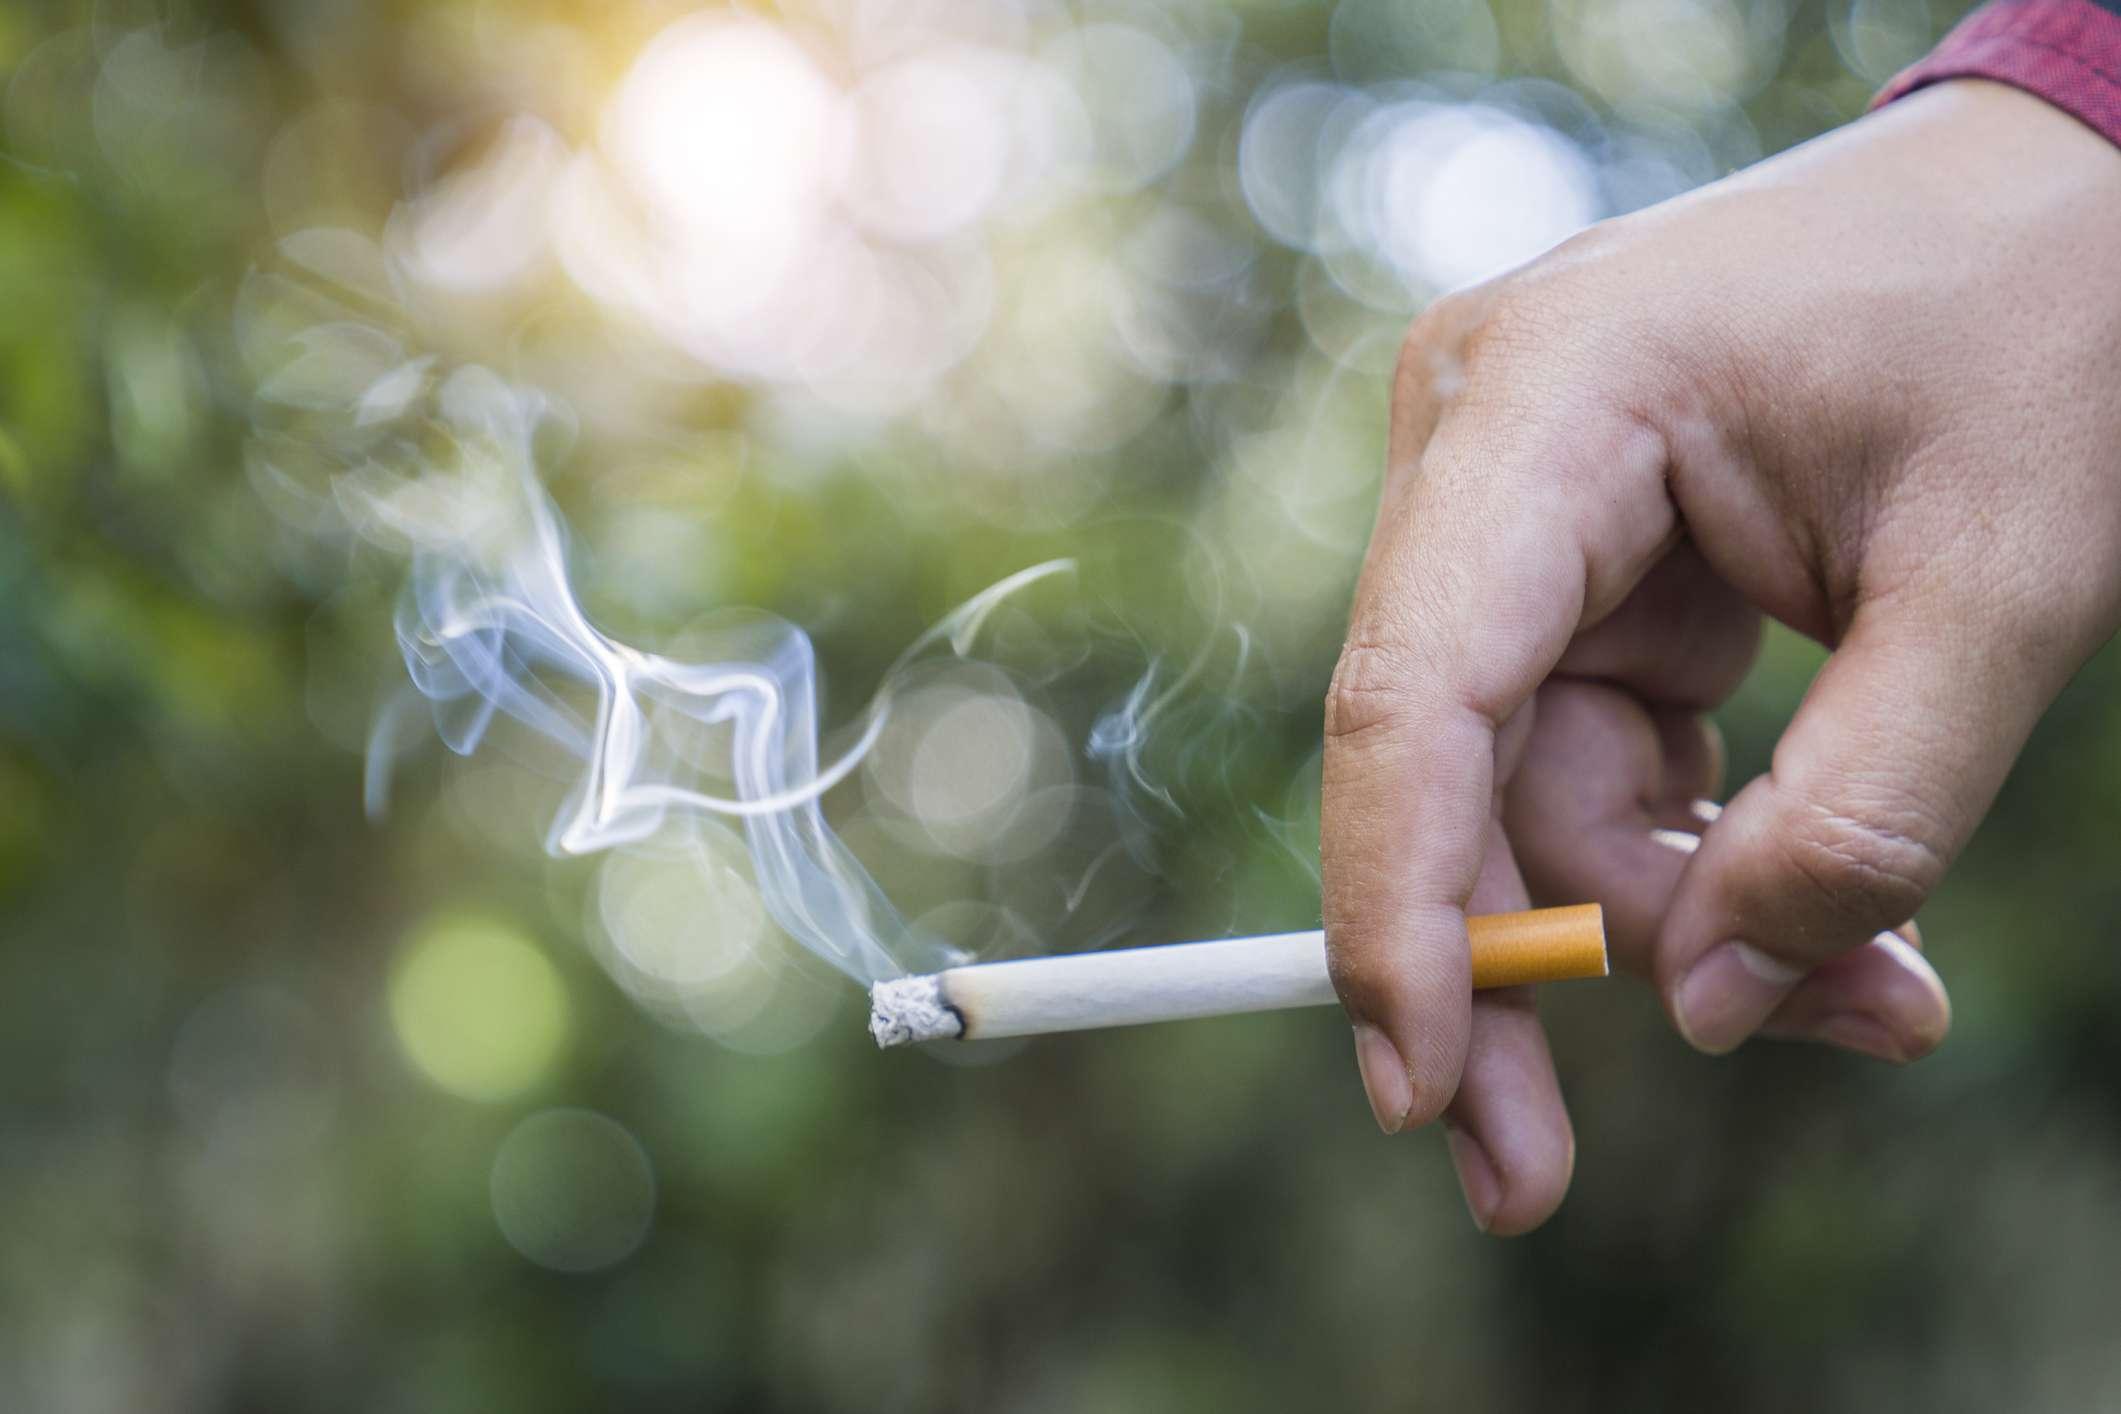 Hand holding burning cigarette